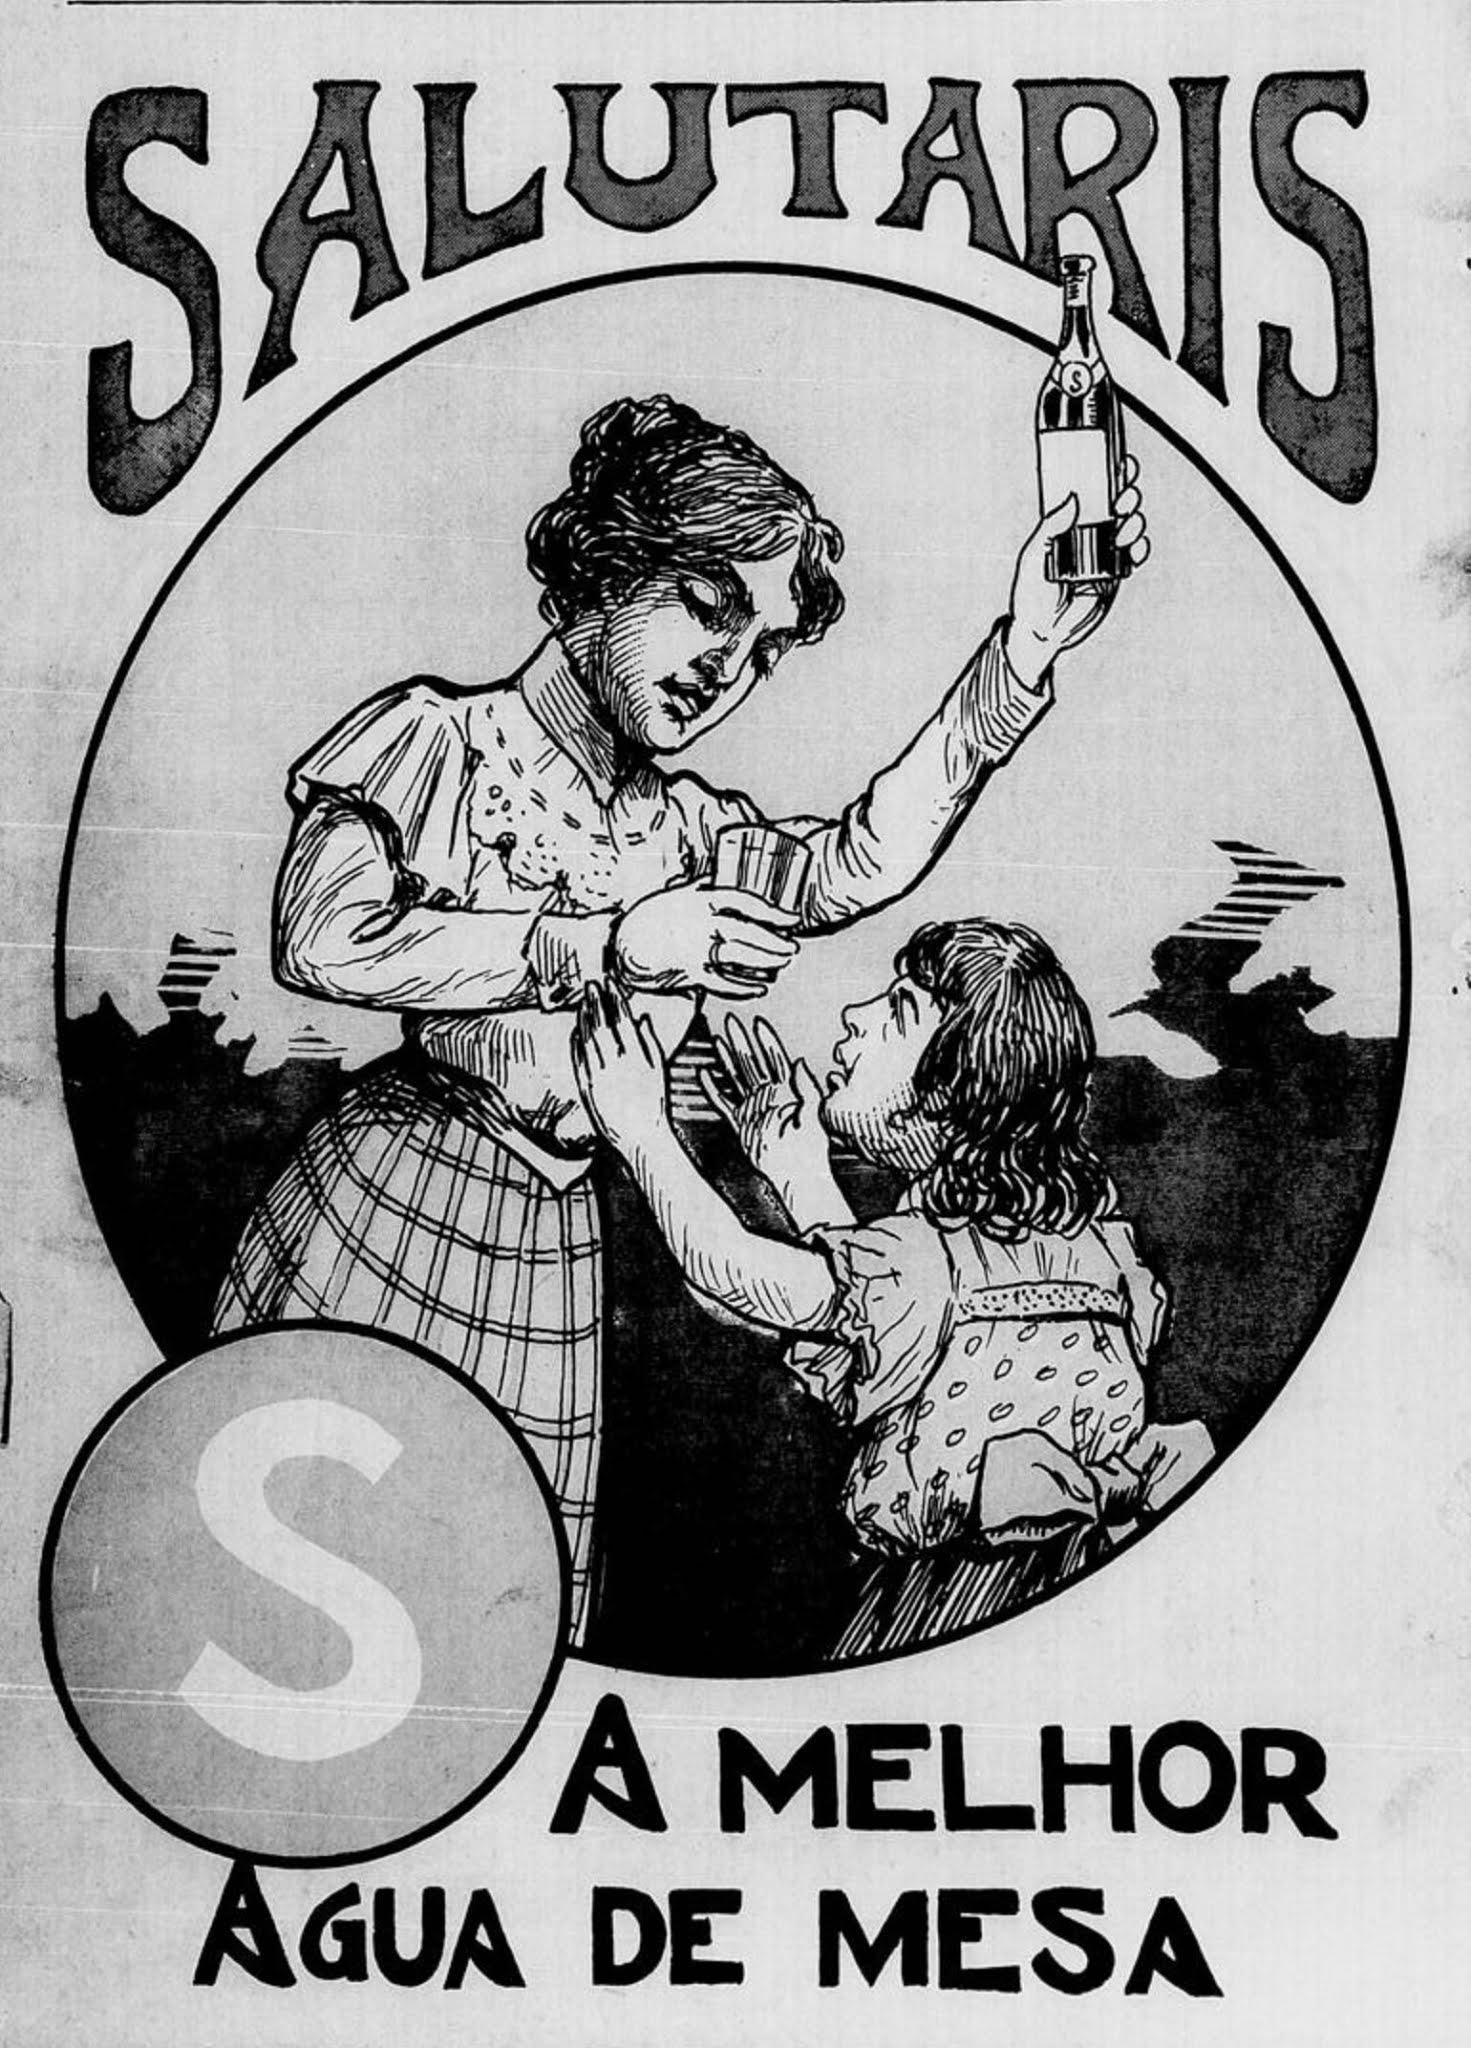 Anúncio antigo da Água Salutaris em 1904